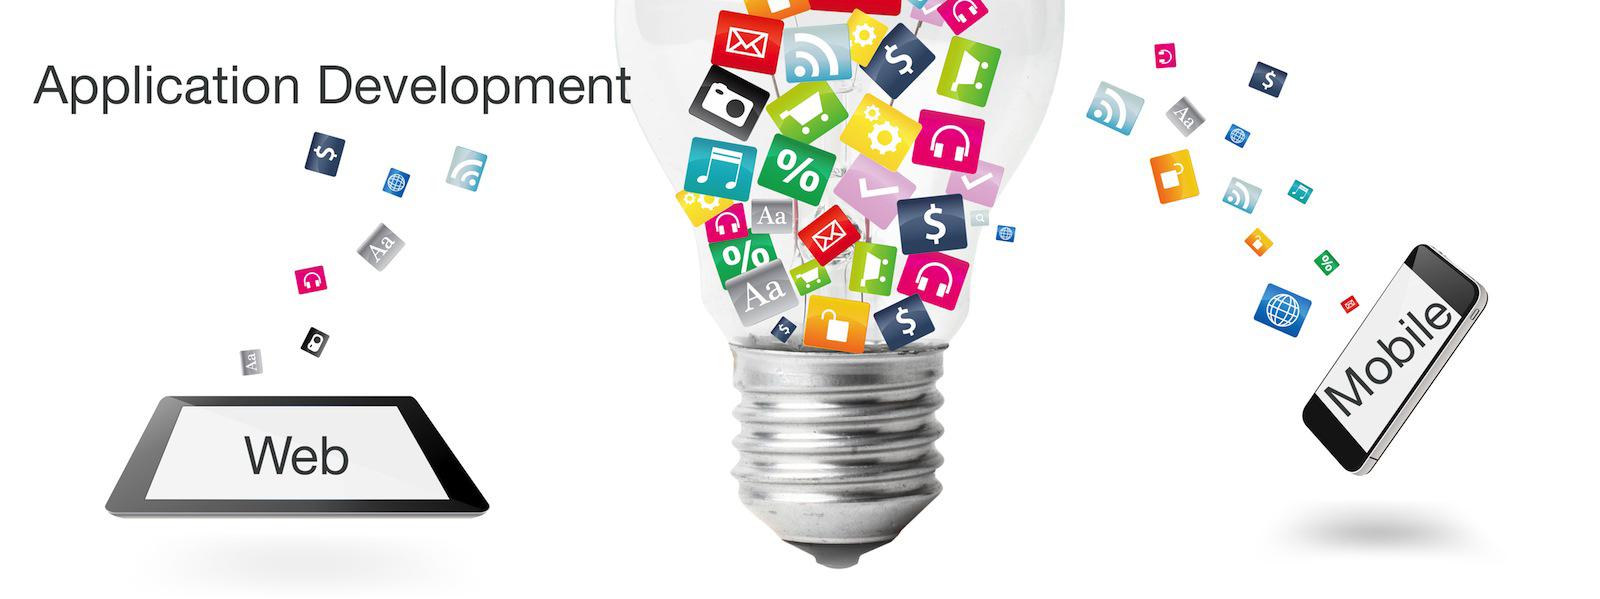 Ανάπτυξη εφαρμογών: Απόκτησε κοινό που αποφέρει κέρδη